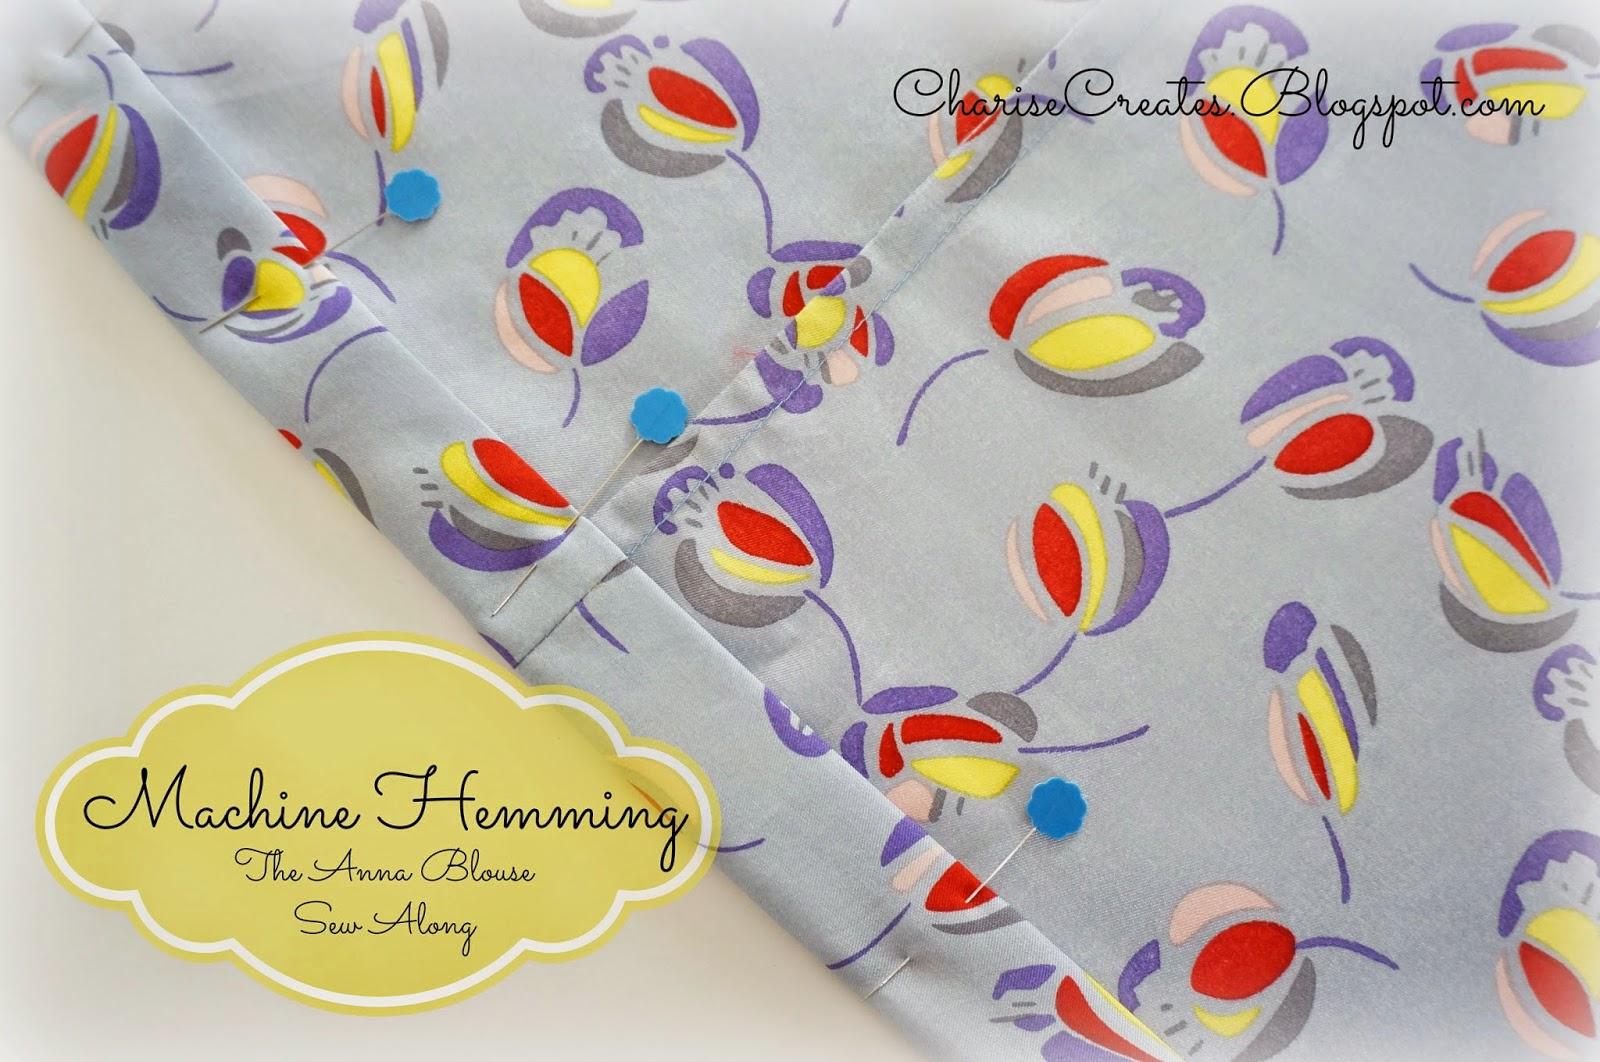 banner hemming machine